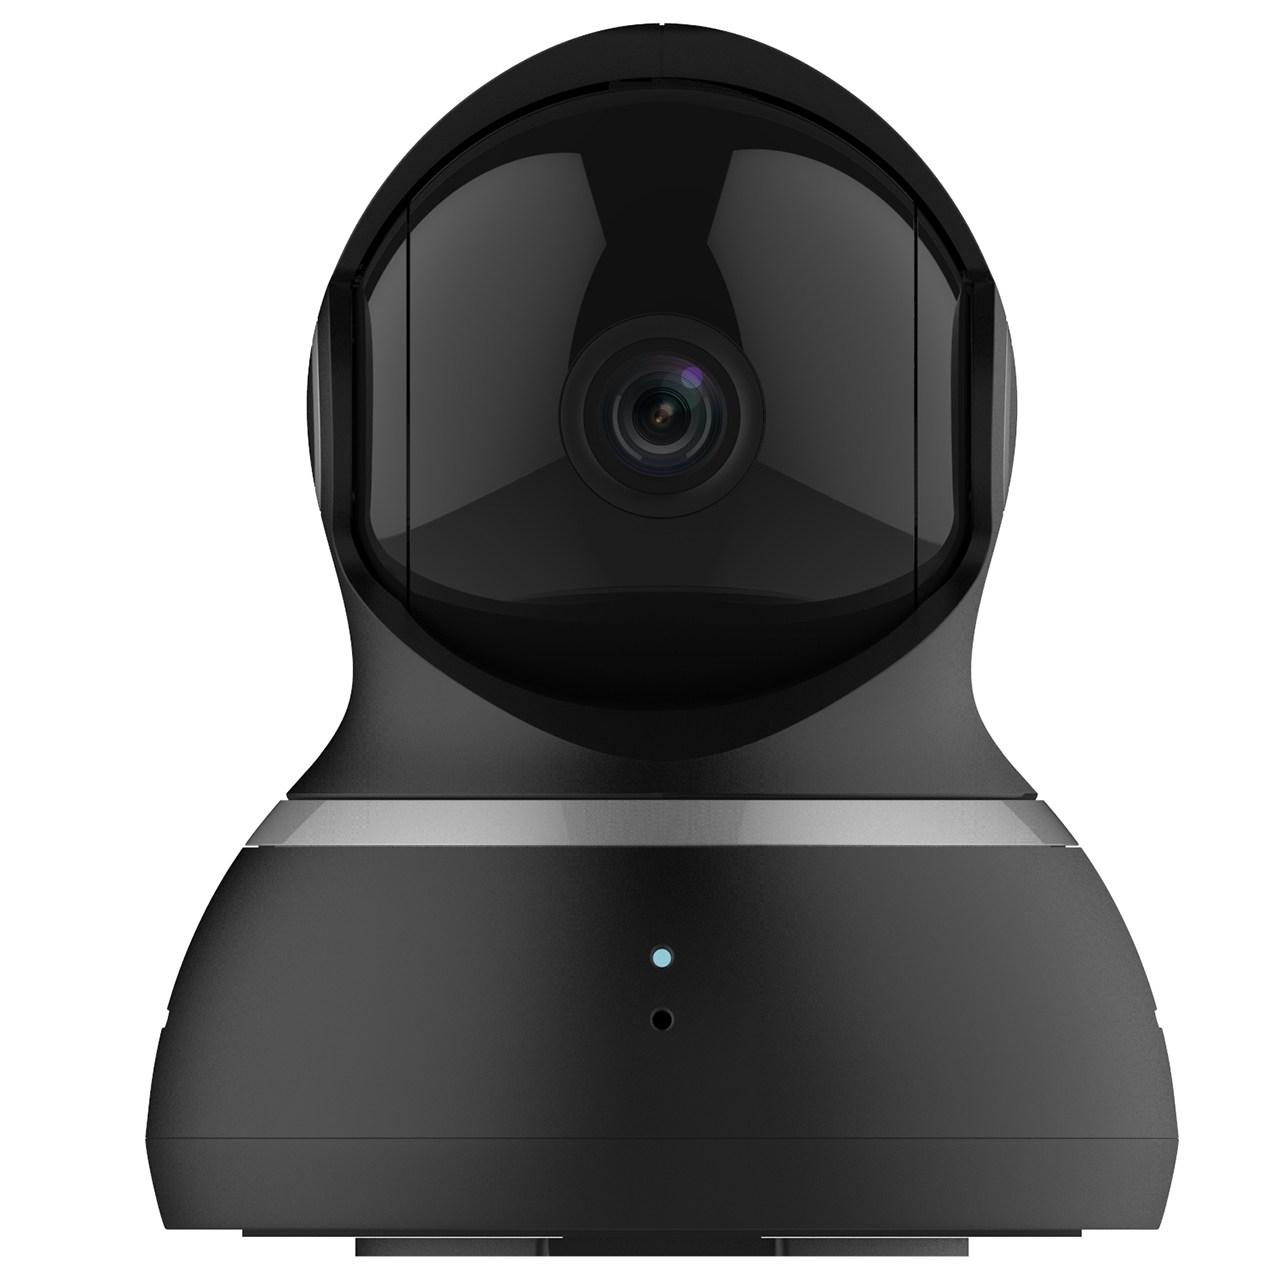 دوربین تحت شبکه ایی مدل 1080p Dome